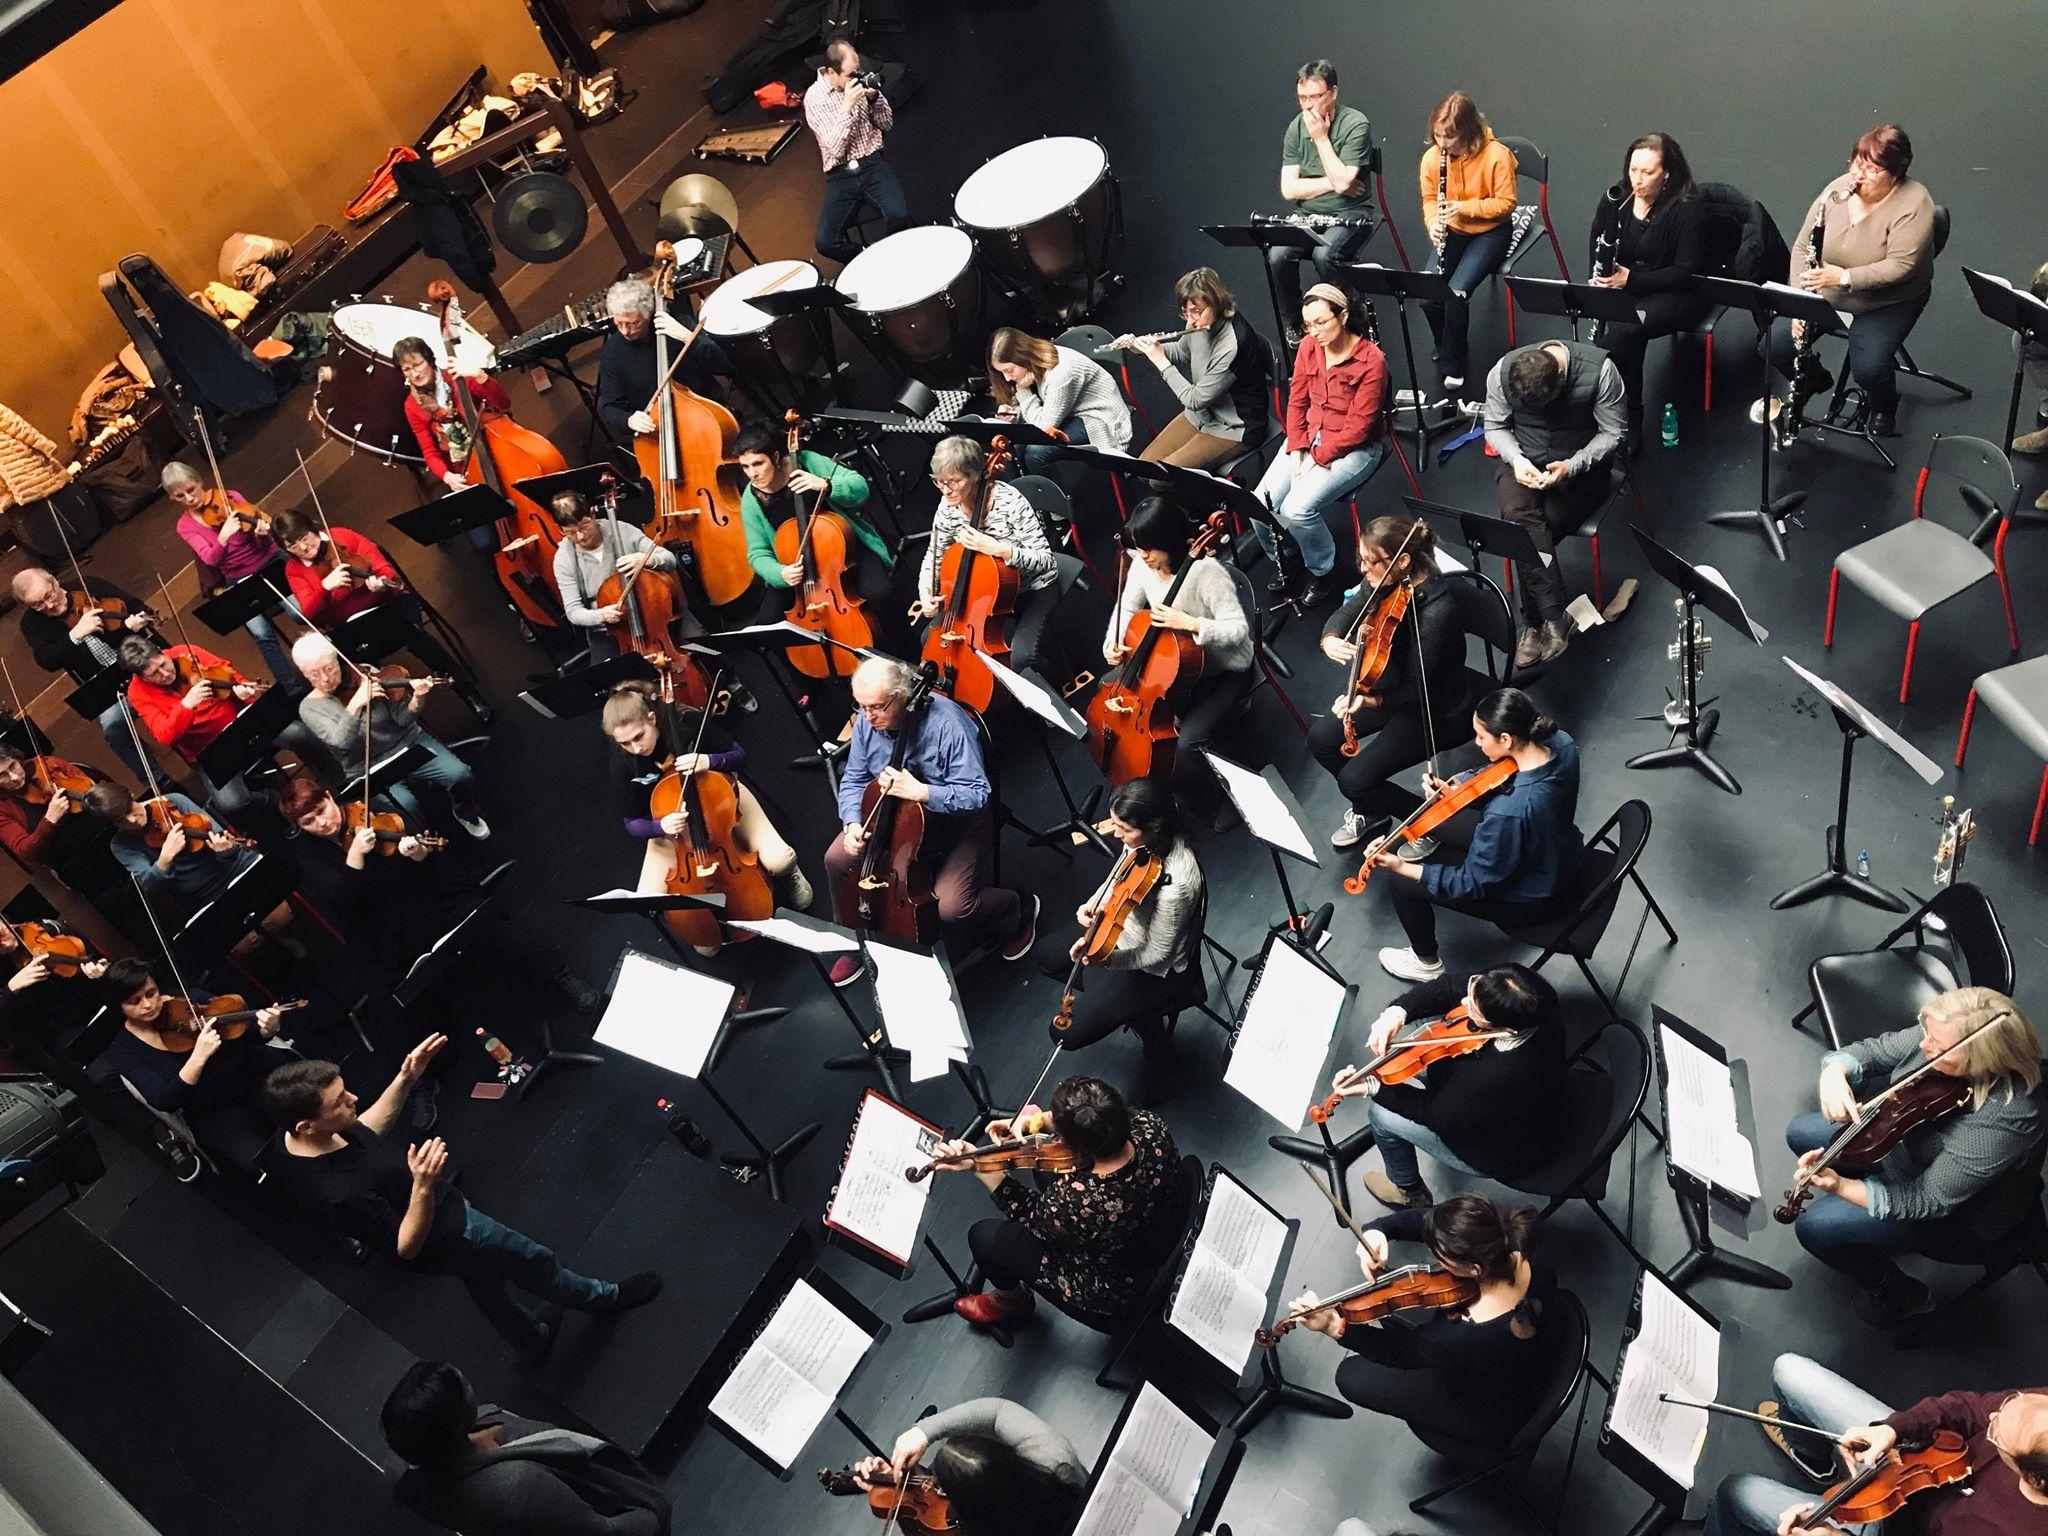 L'Orchestre Symphonique de Saint-Dié-des-Vosges présente Festiv'Opéra